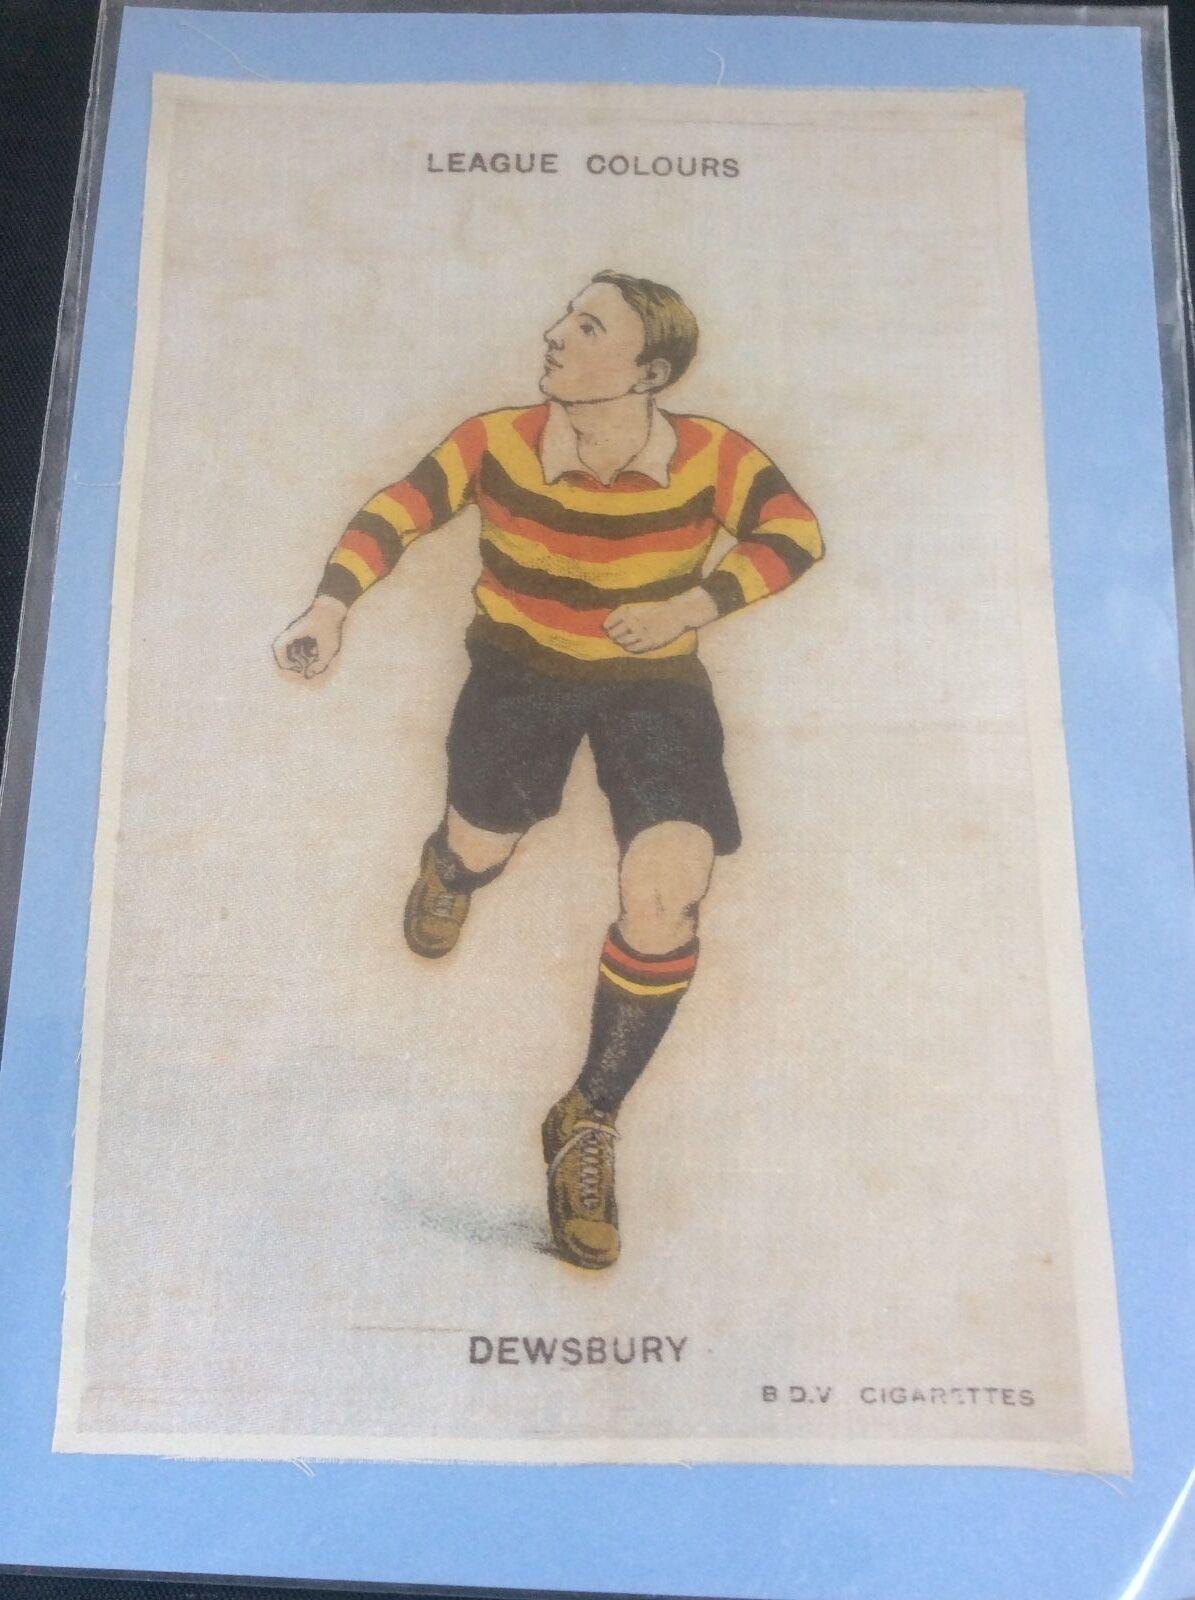 DEWSBURY BDV Godfrey Phillips BDV DEWSBURY Silk Cigarette Card Rugby League Colours c1920 0b4289